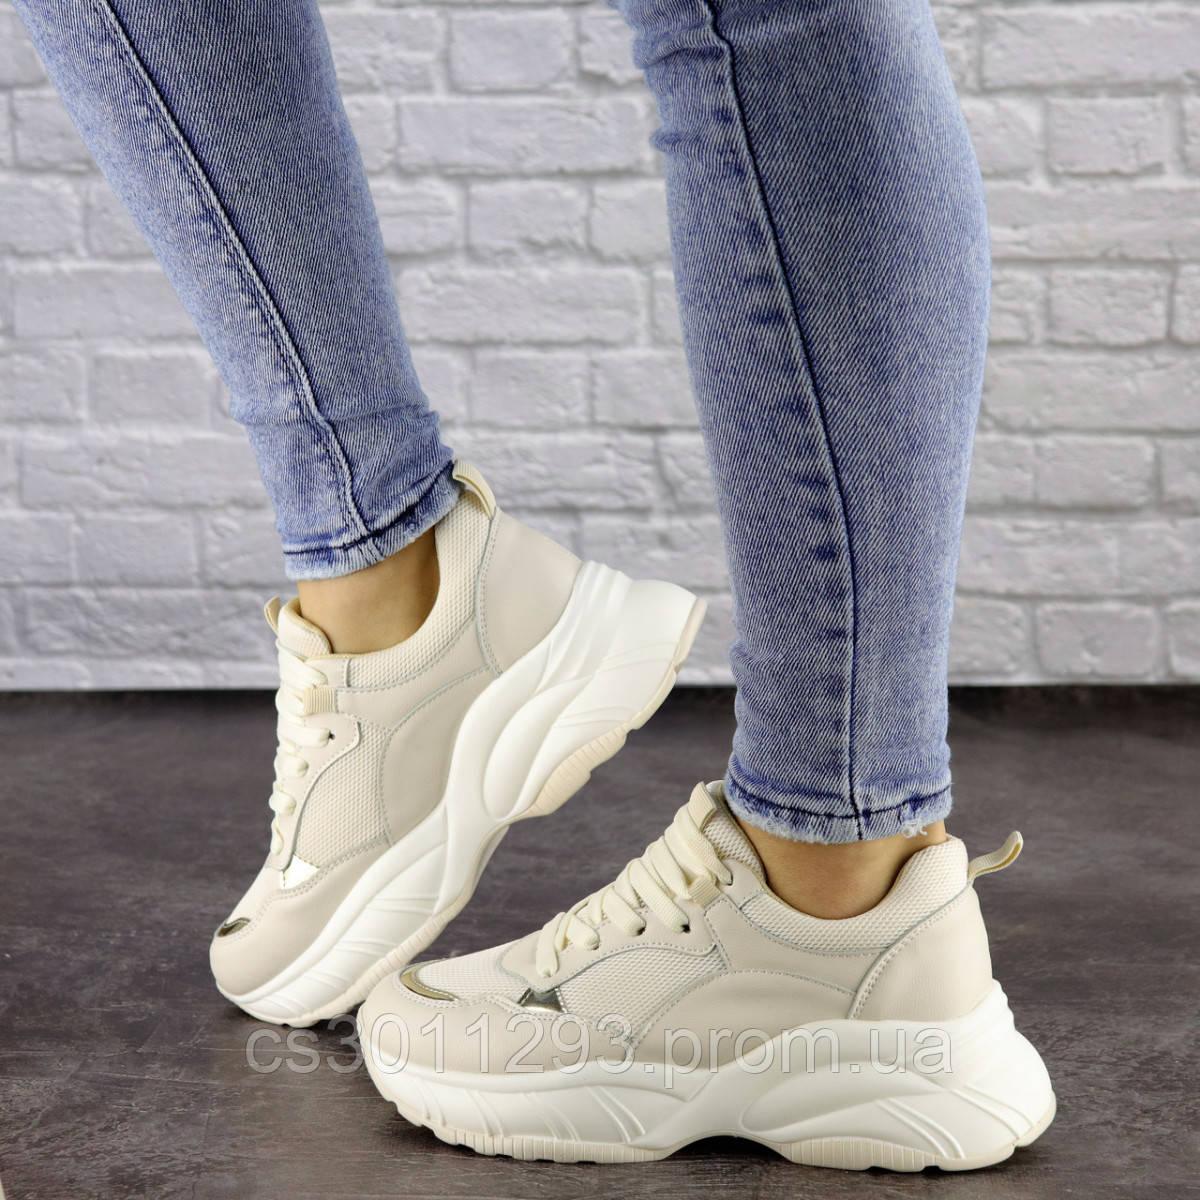 Женские бежевые кроссовки Nano 1468 (38 размер)